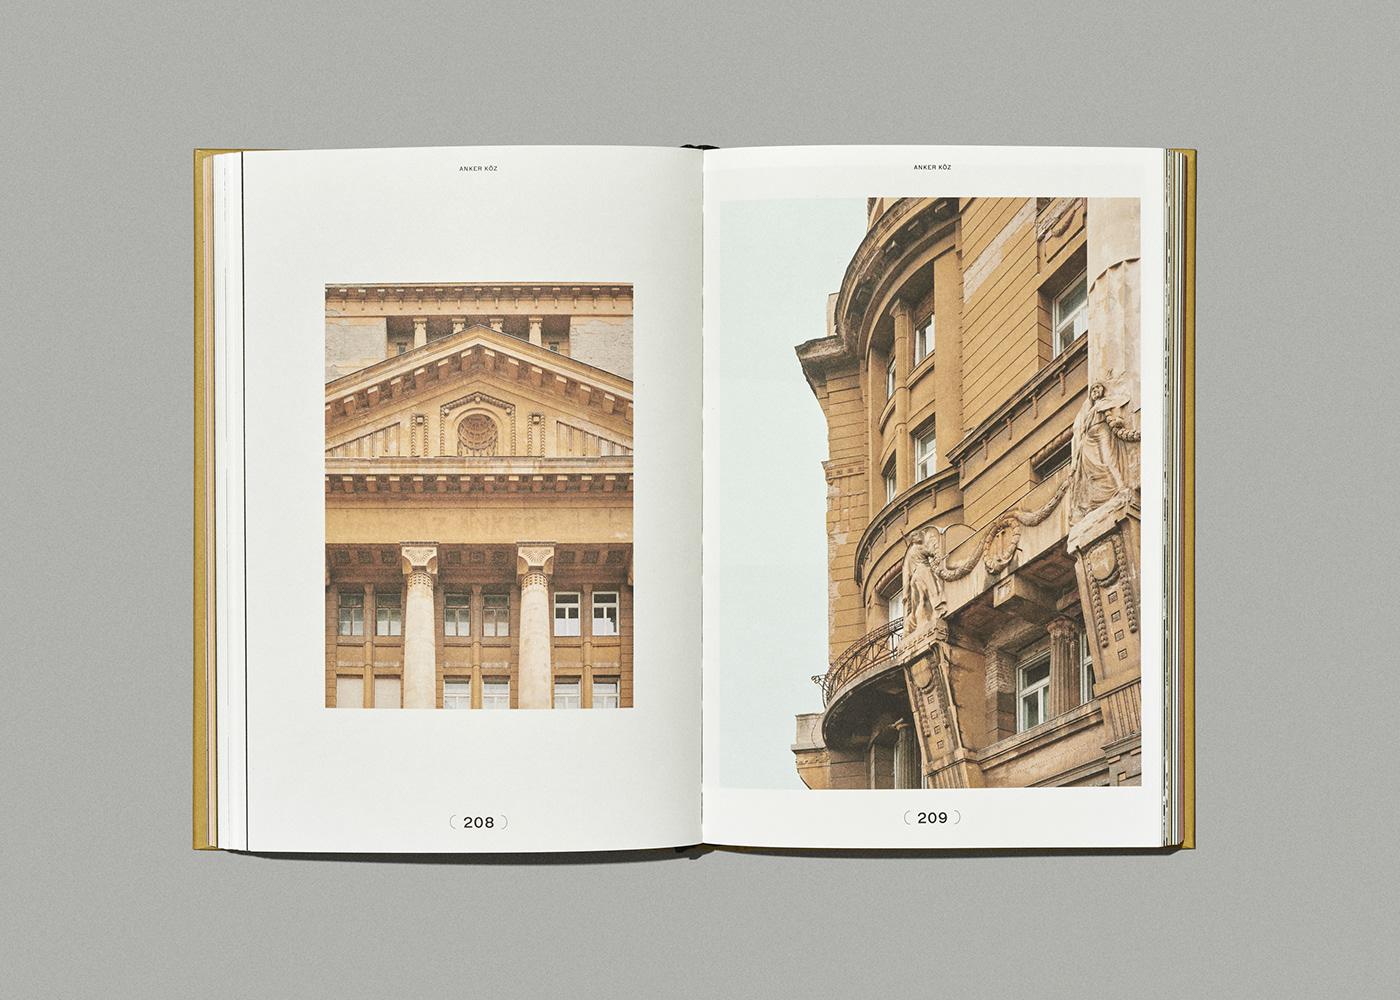 architecture book Bookdesign budapest budapestarchitecture coverdesign editorialdesign